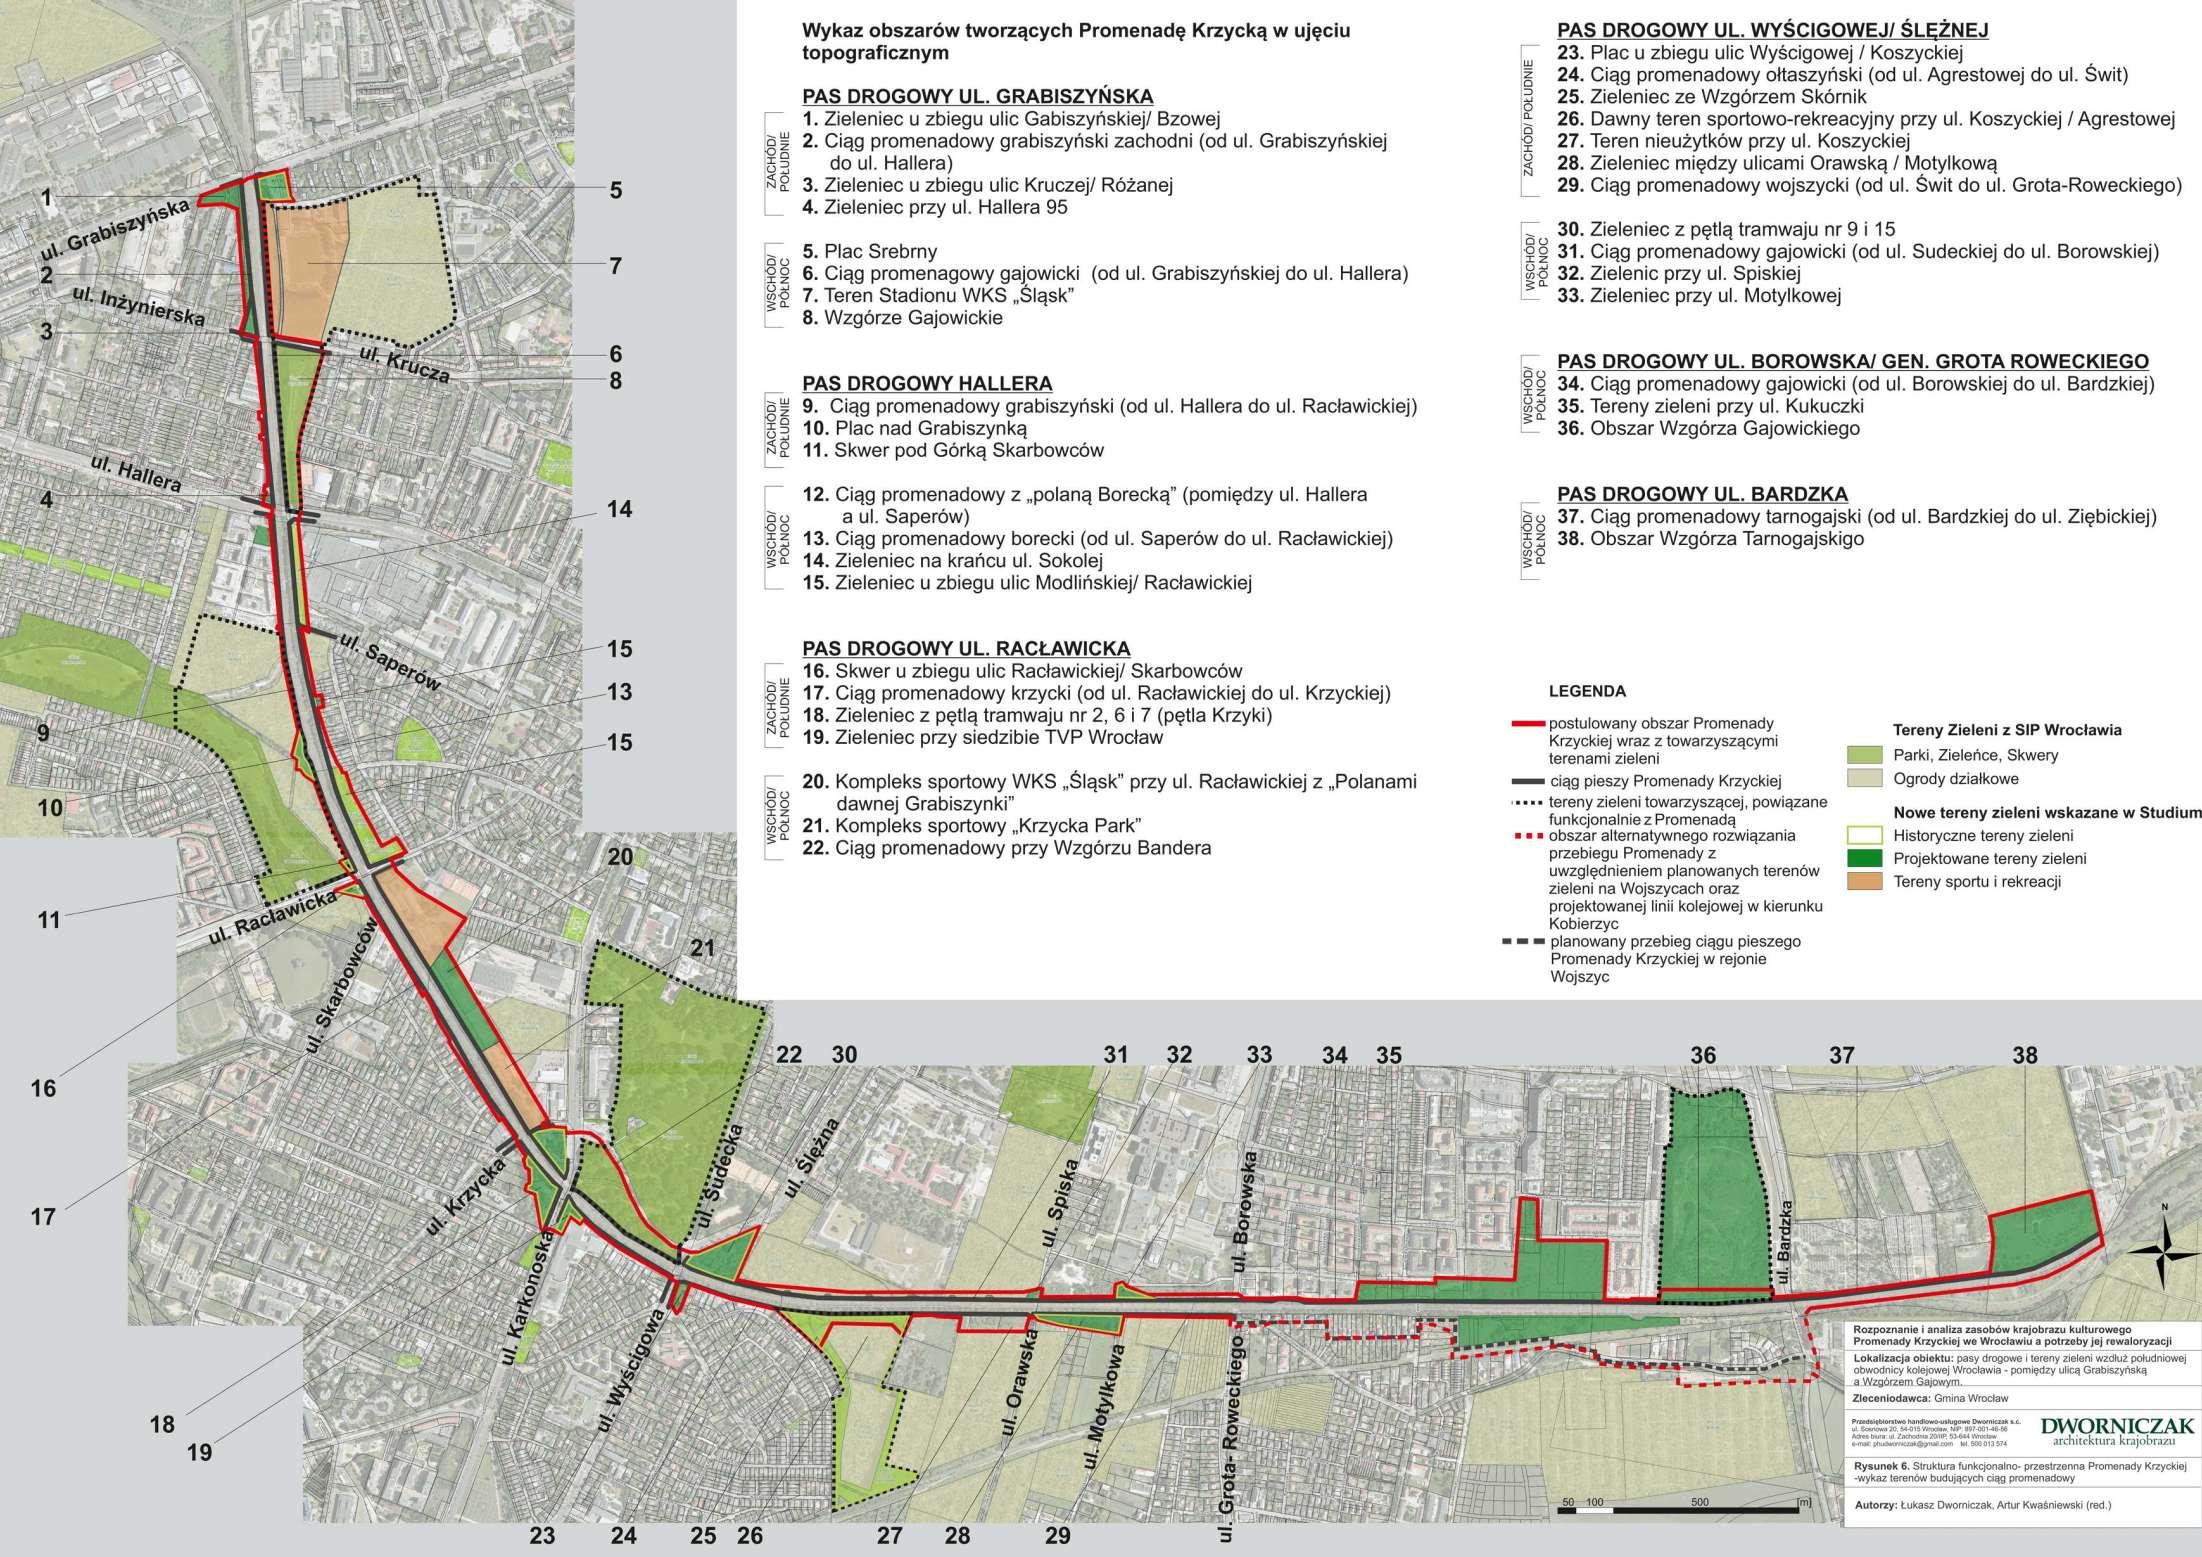 Rysunek 6. Struktura funkcjonalno-przestrzenna Promenady Krzyckiej – wykaz terenów budujących ciąg promenadowy.